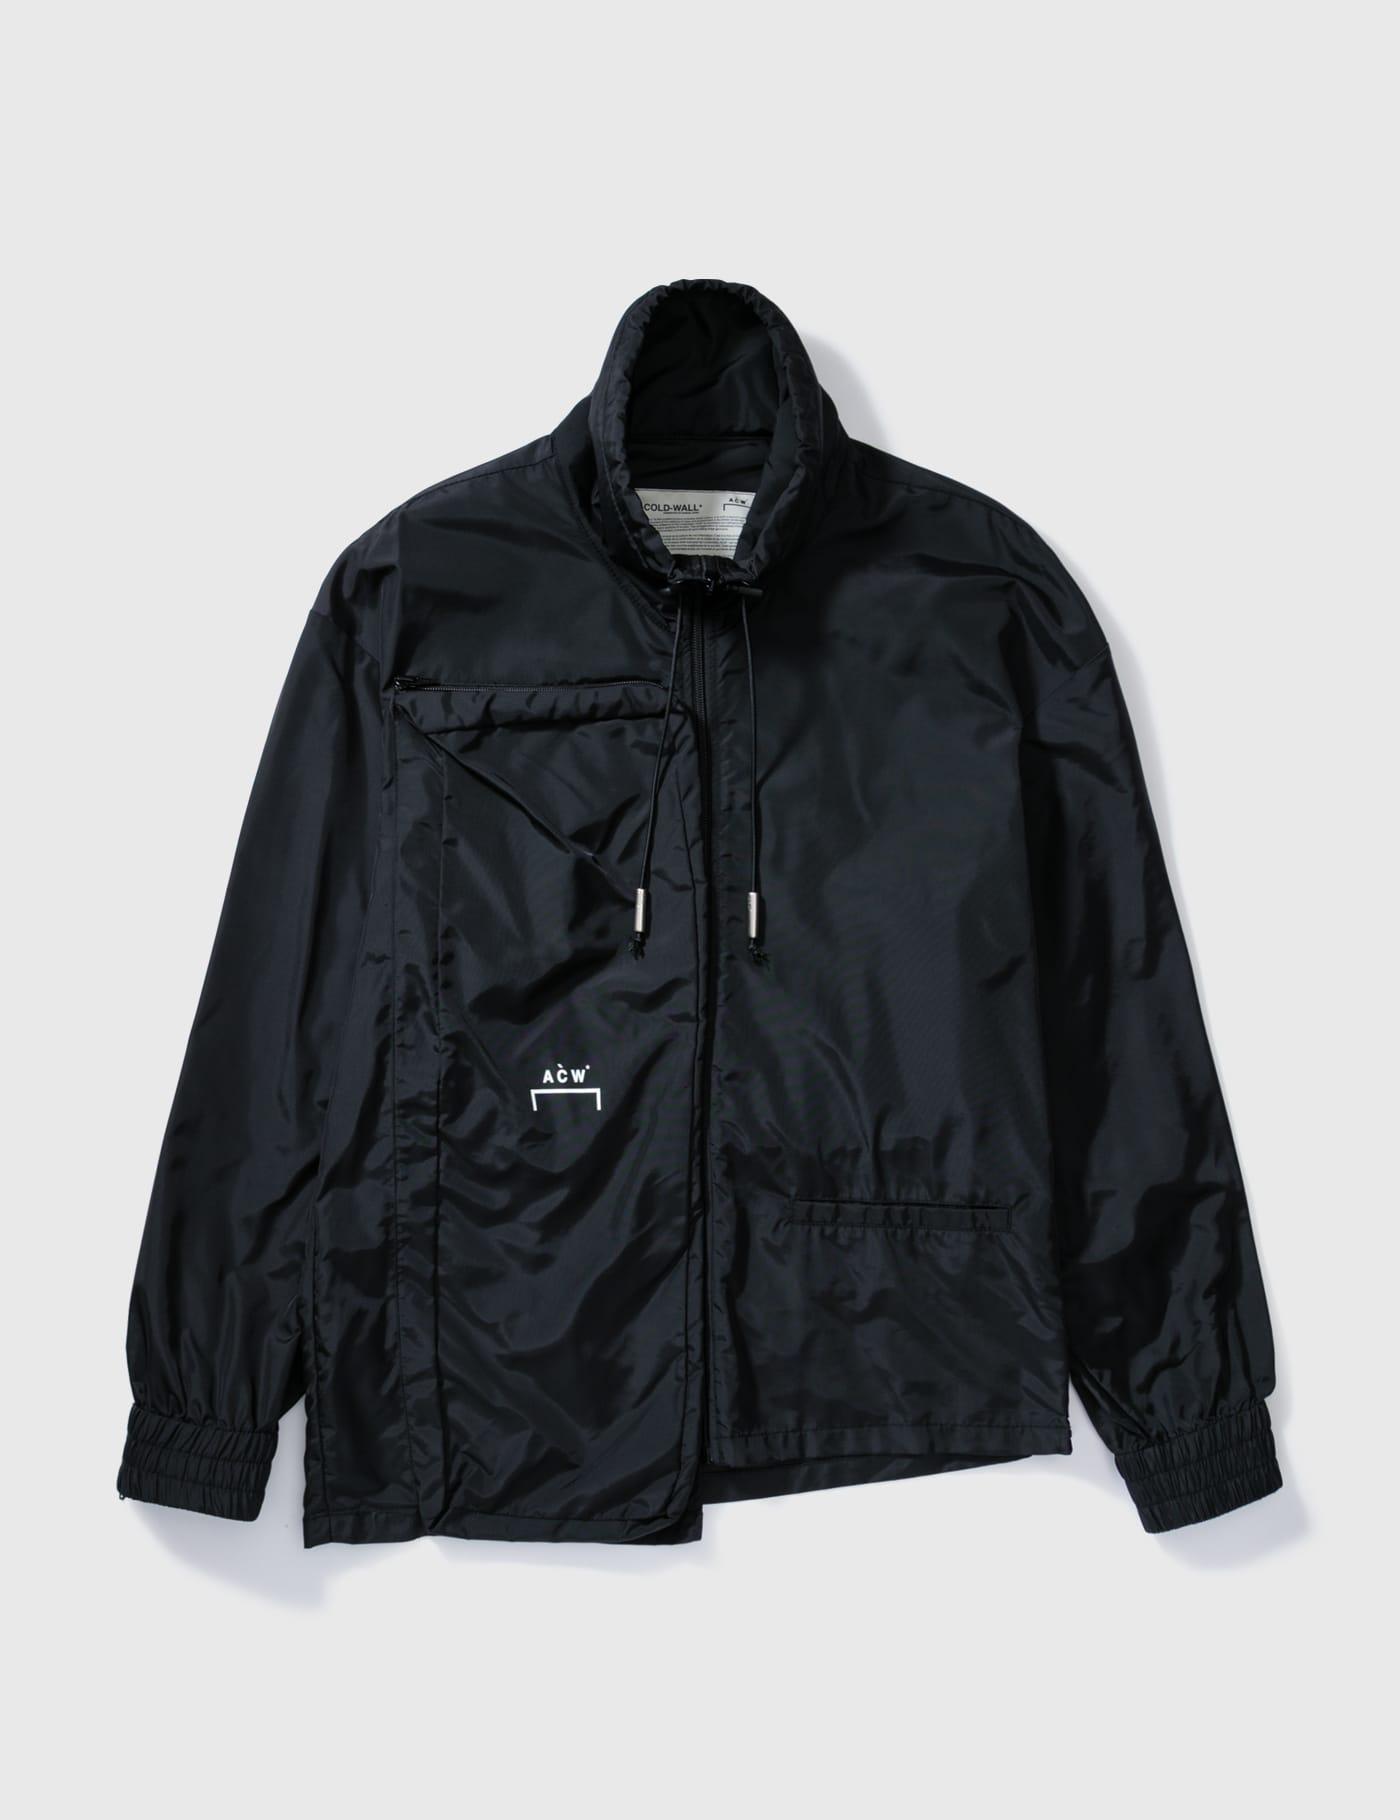 A-cold-wall* Multi Pockets Nylon Jacket